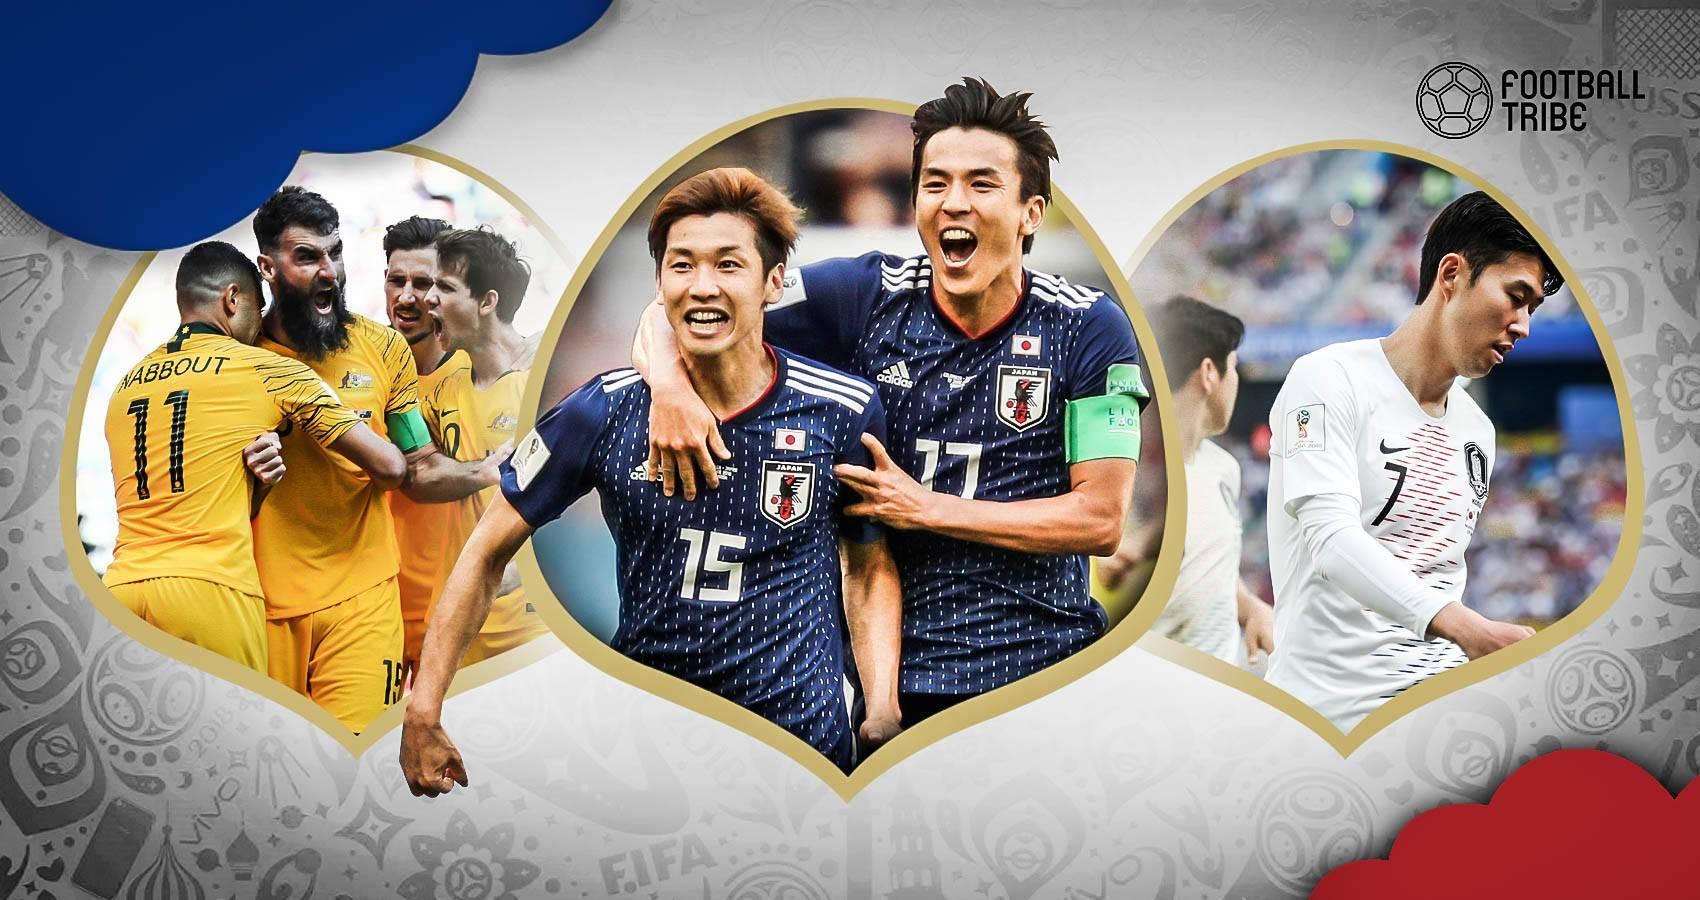 ใครมีลุ้น-ใครหมดหวัง: เช็คผลงานนัดแรกทีมเอเชียบอลโลก 2018